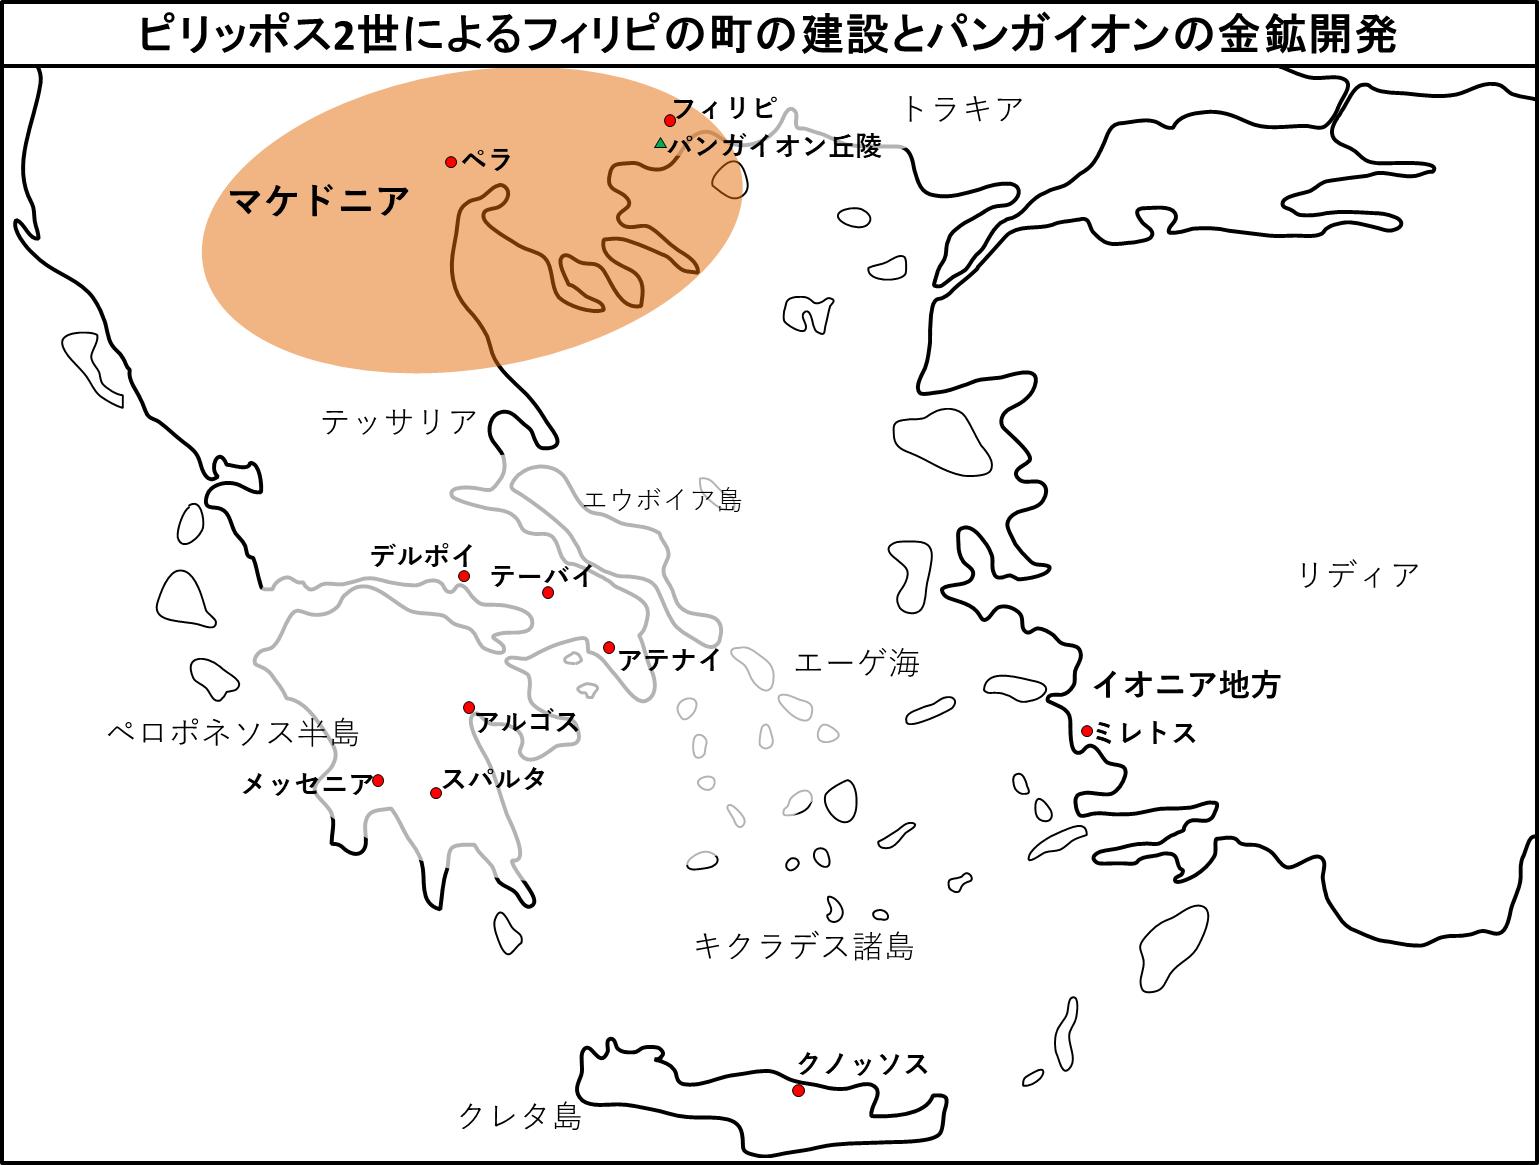 ピリッポス2世によるフィリピの町の建設とパンガイオンの金鉱開発